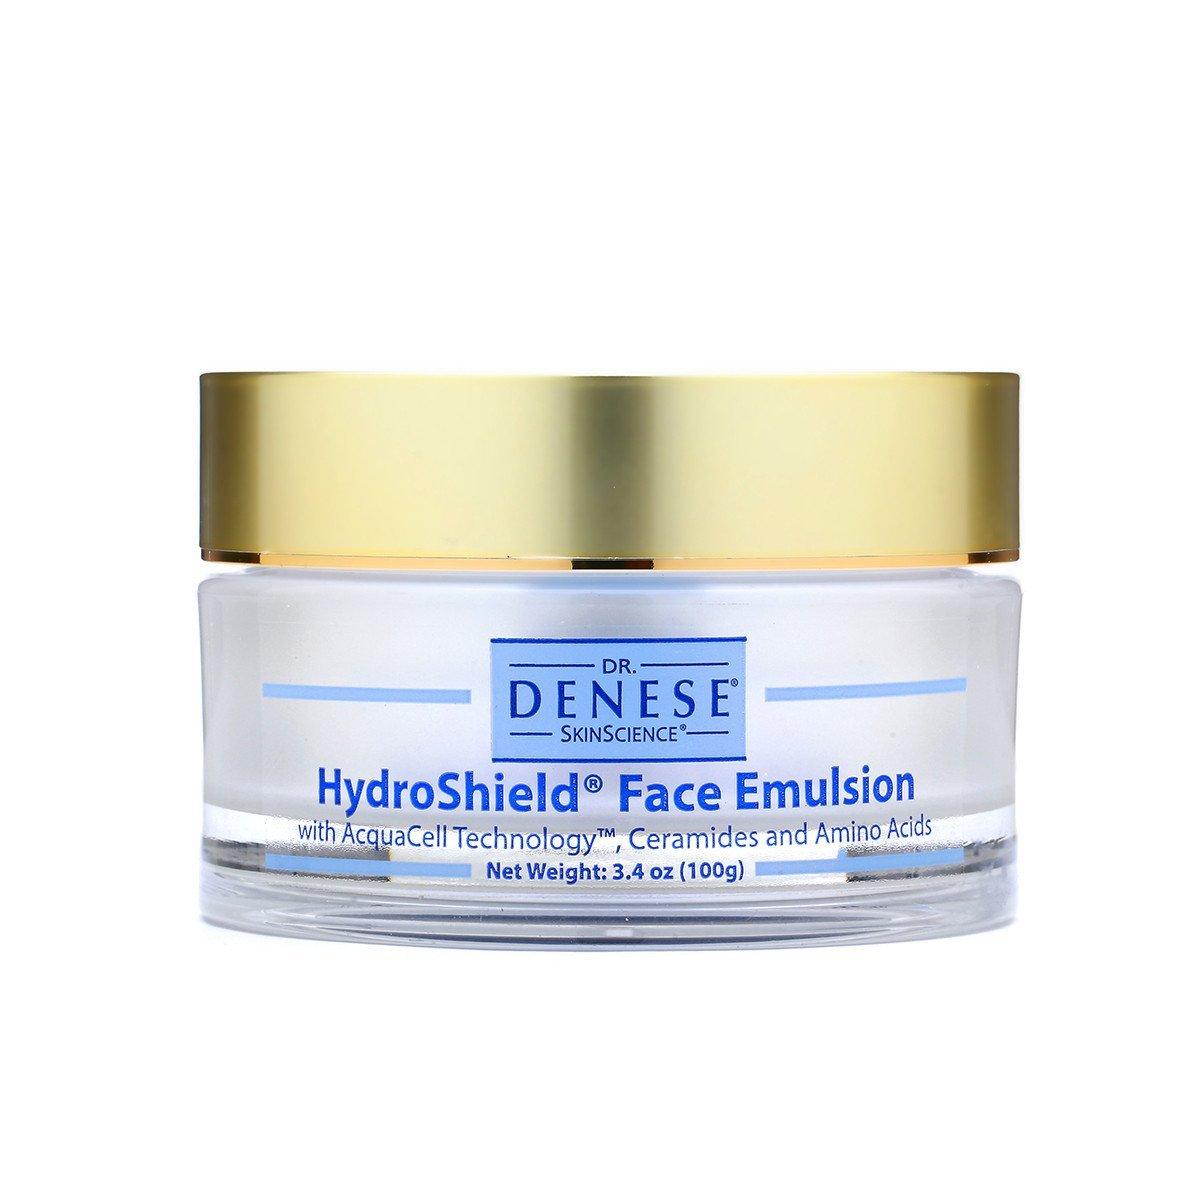 Dr. Denese HydroShield Face Emulsion (3.4 oz.)